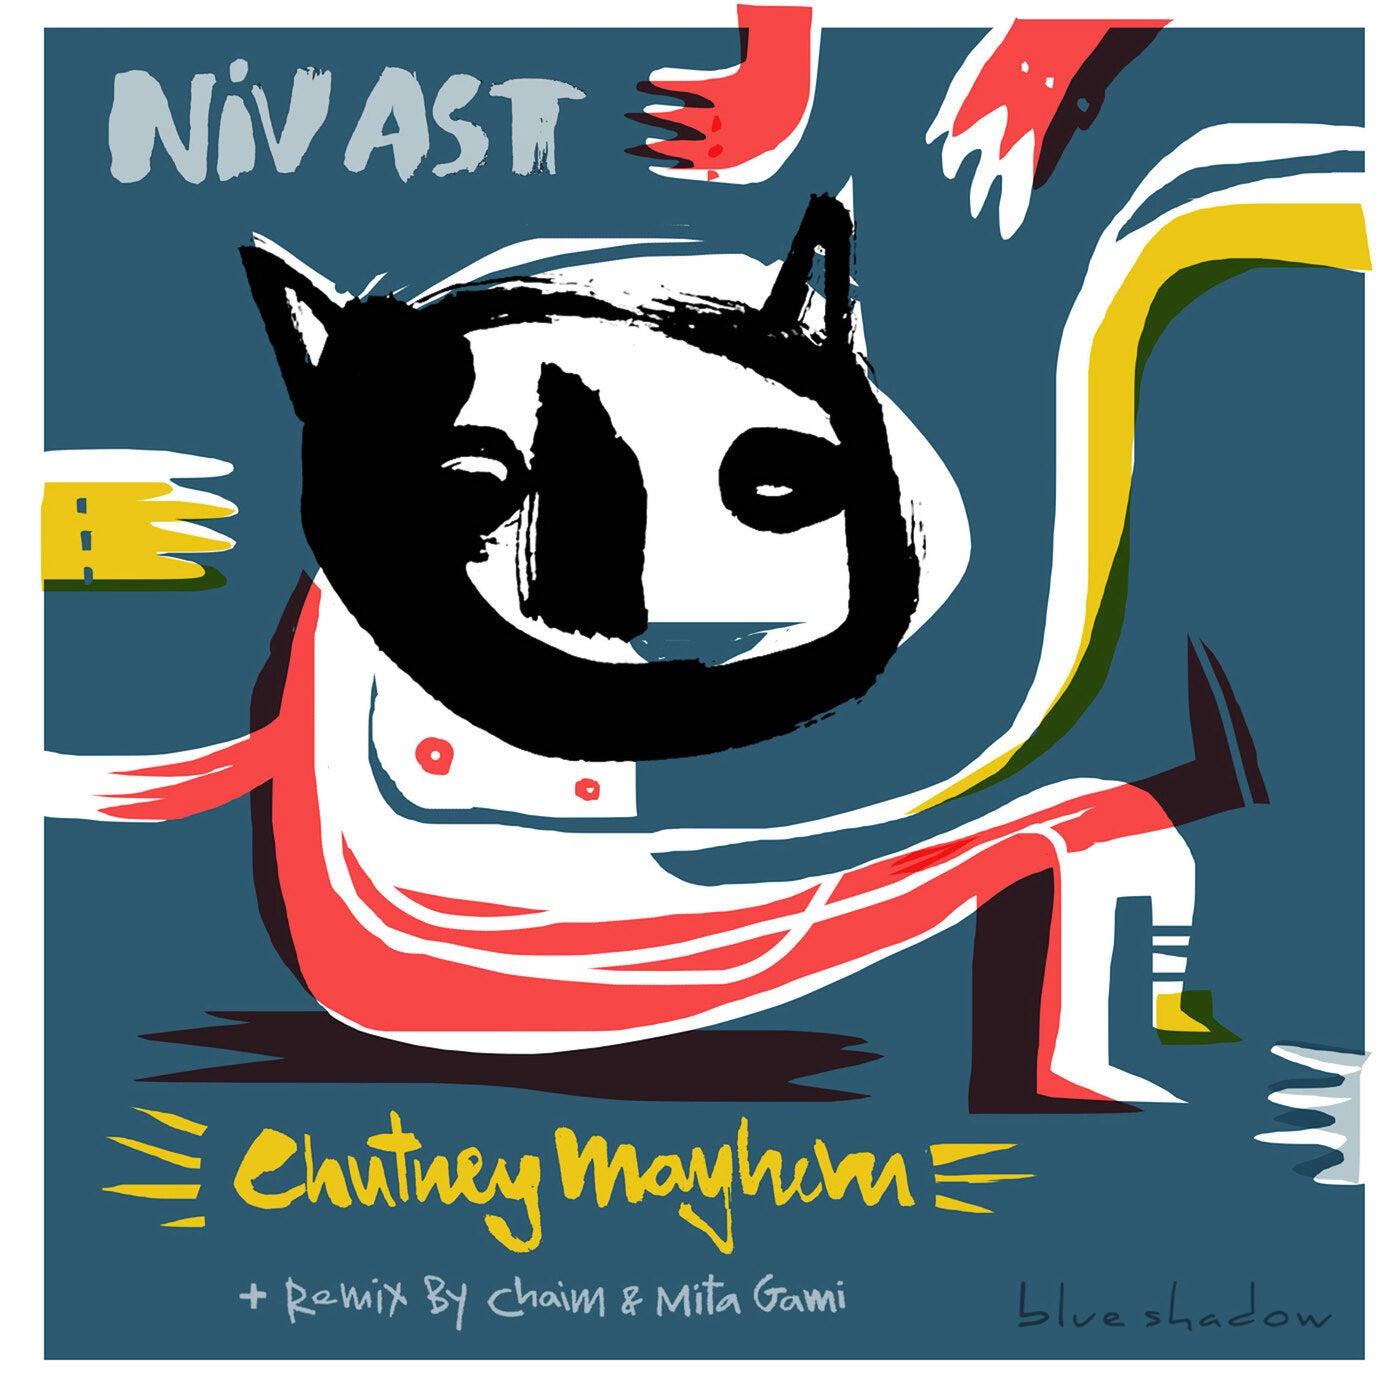 Chutney Mayhem (Chaim & Mita Gami Remix)